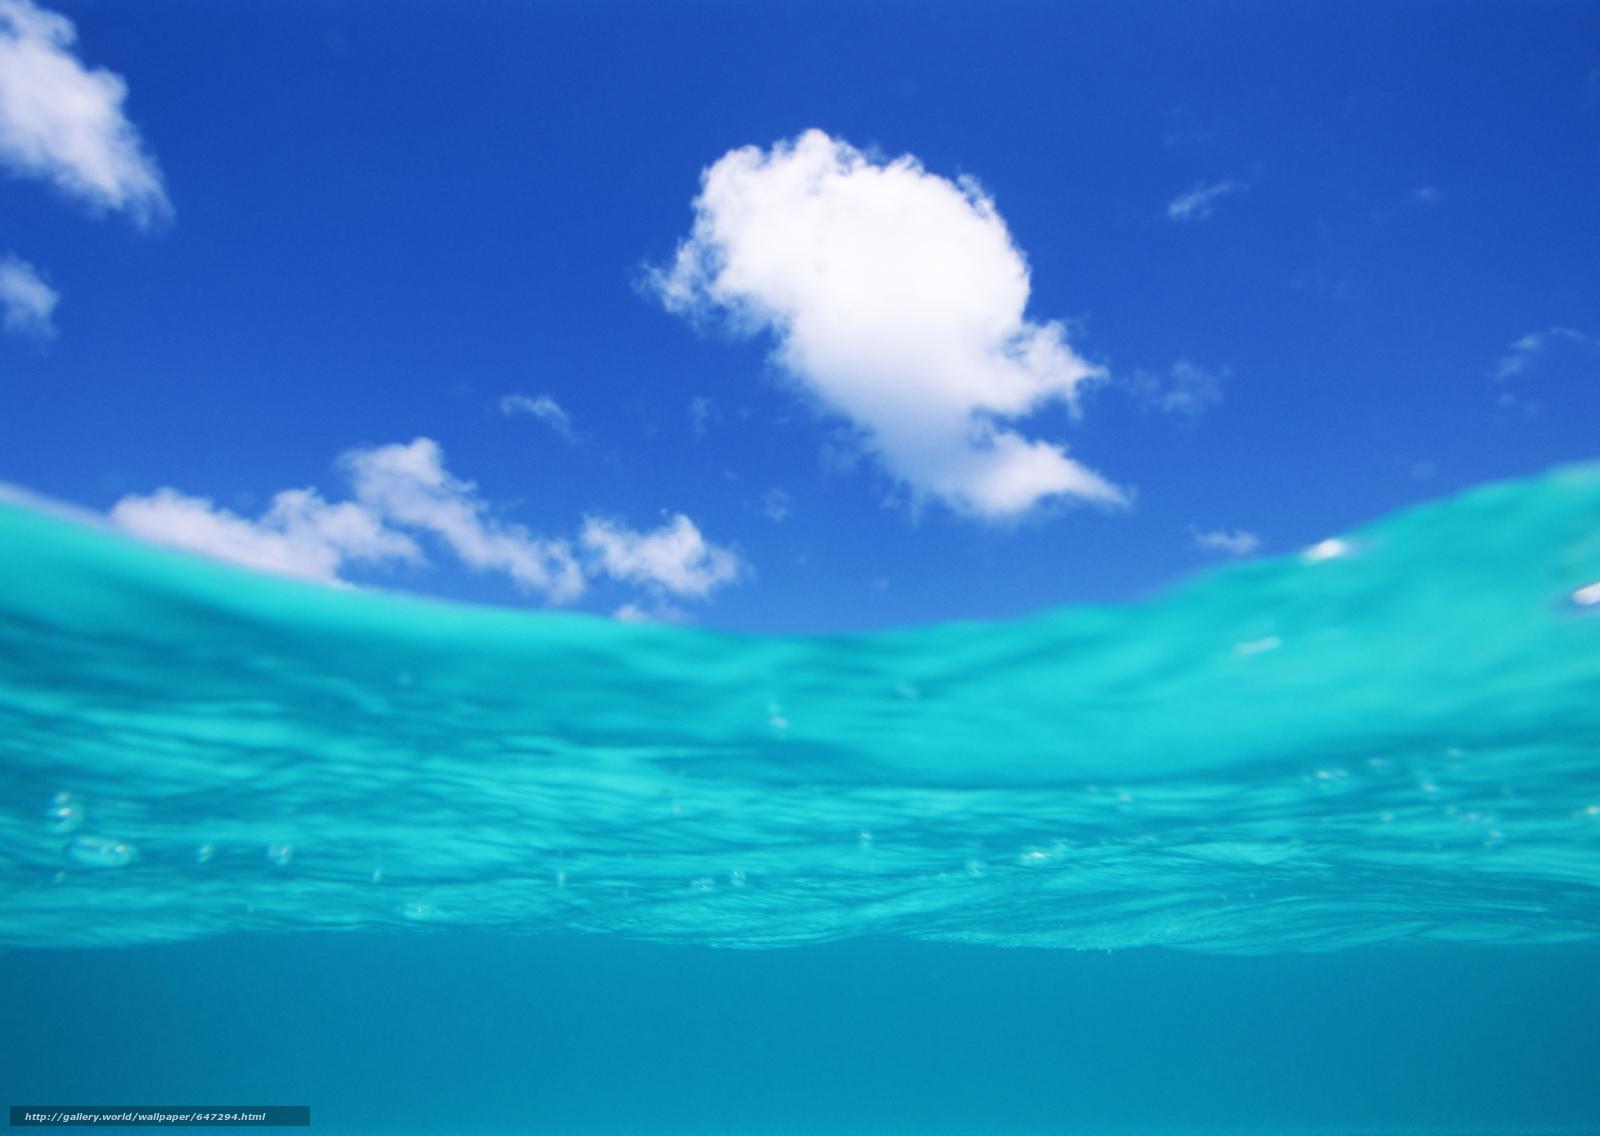 Скачать обои вода,  море,  океан,  природа бесплатно для рабочего стола в разрешении 2950x2094 — картинка №647294